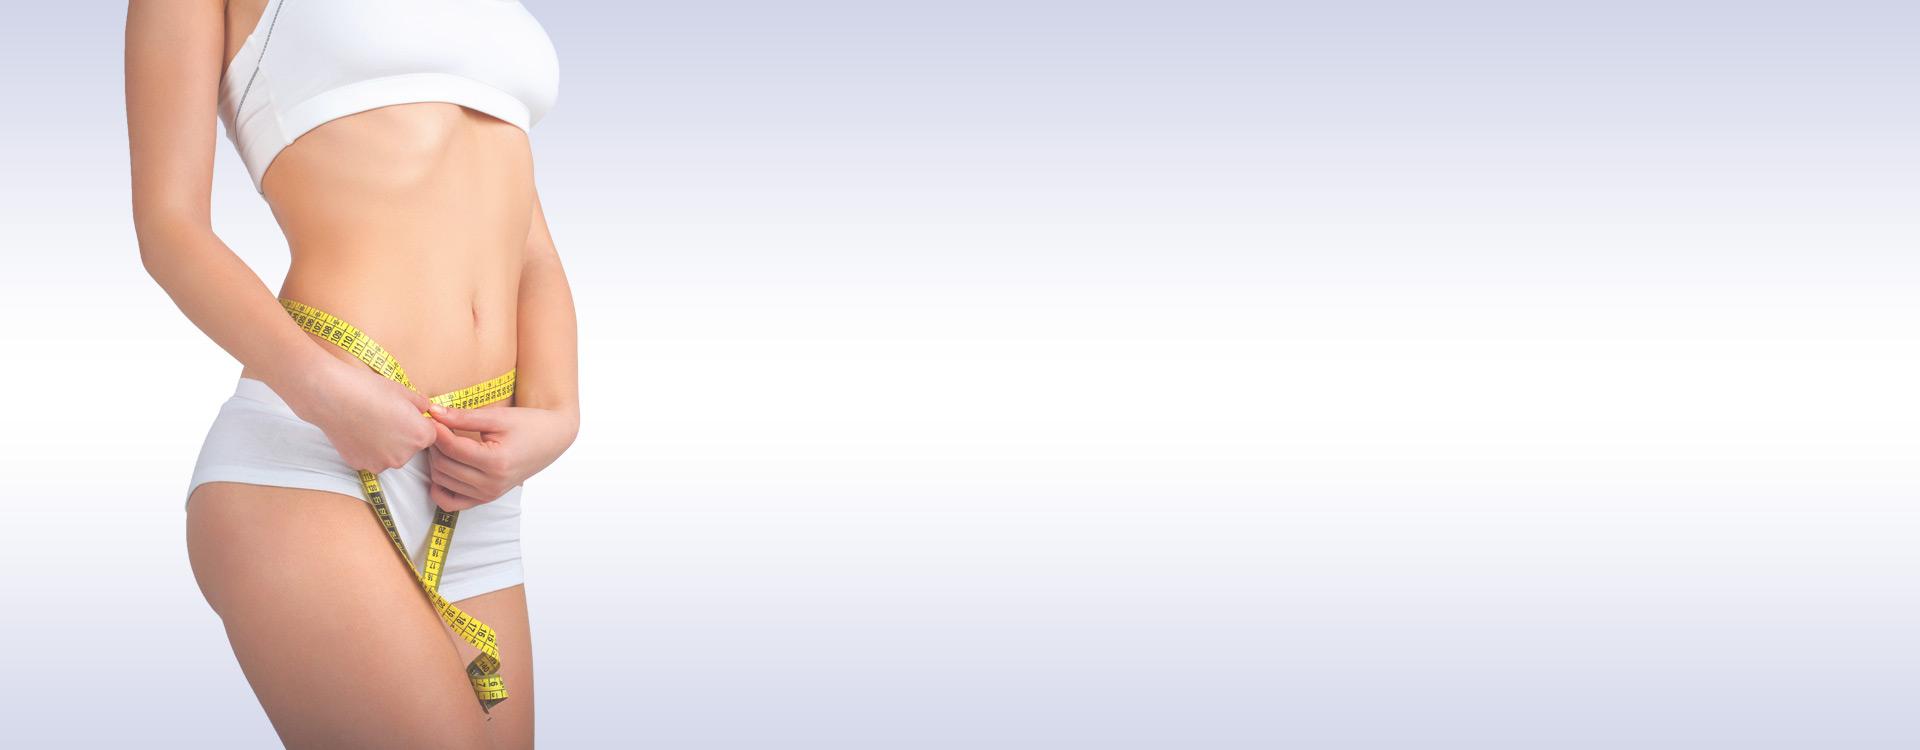 Узнать стоимость на программы коррекции фигуры в Самаре